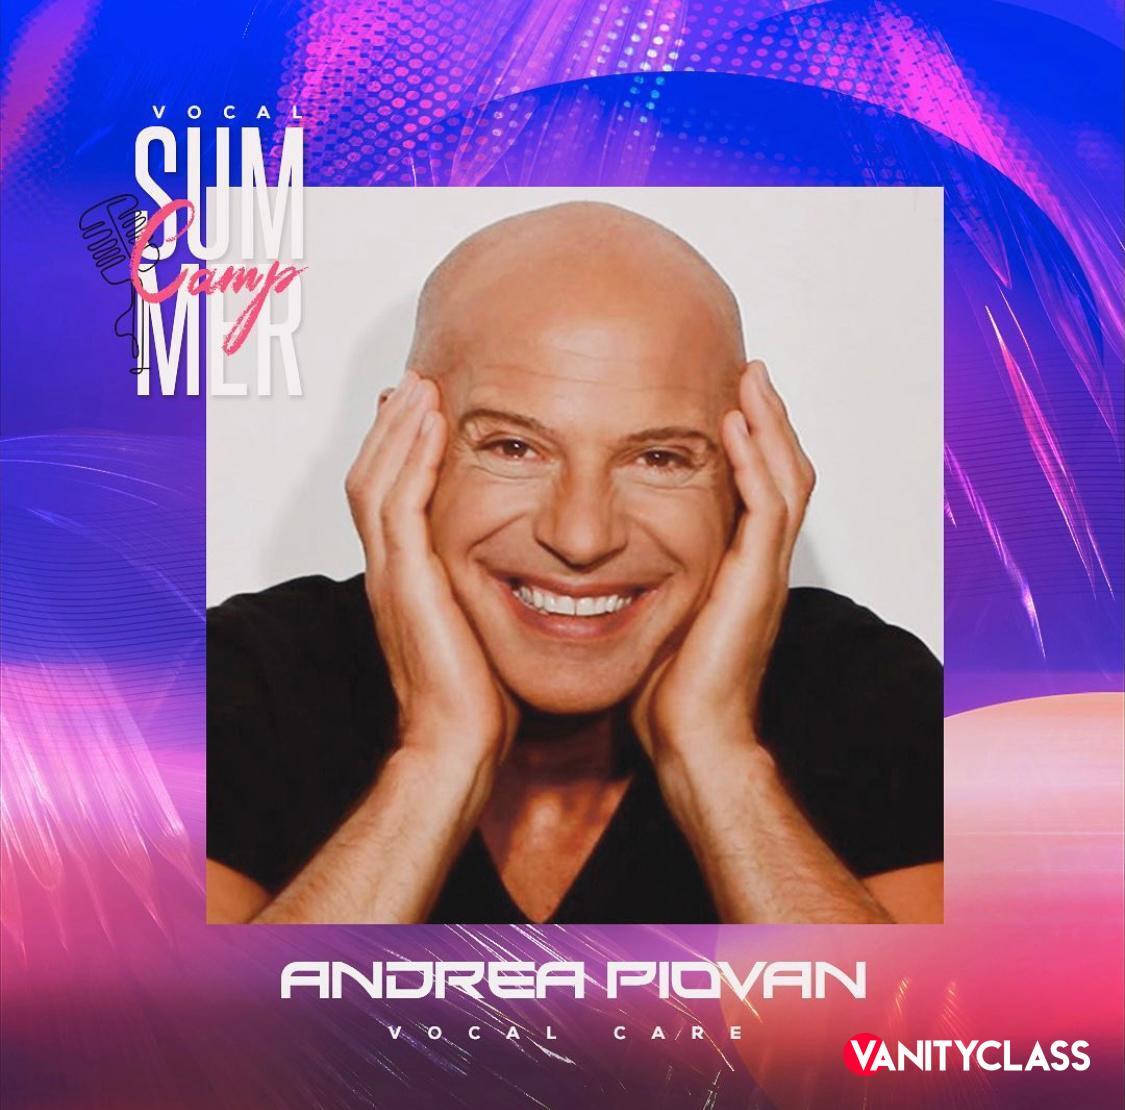 """img src=""""www.vanityclass.it/andreapiovan.png"""" alt=""""andrea piovan"""">"""